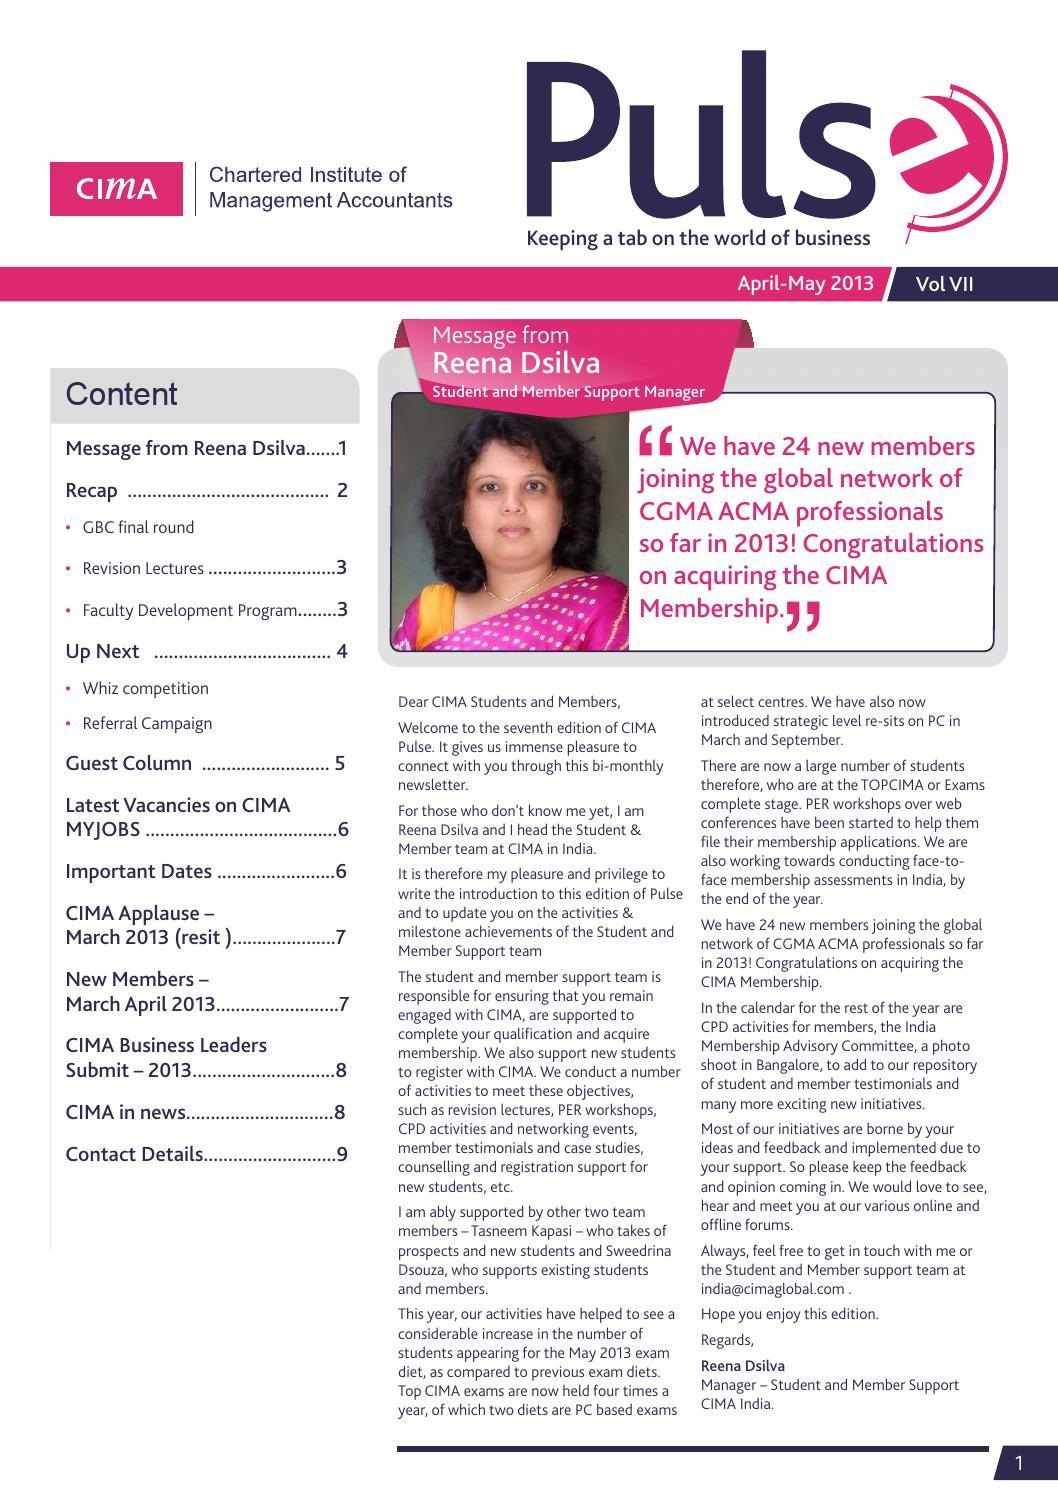 cima gbc 2013 case study